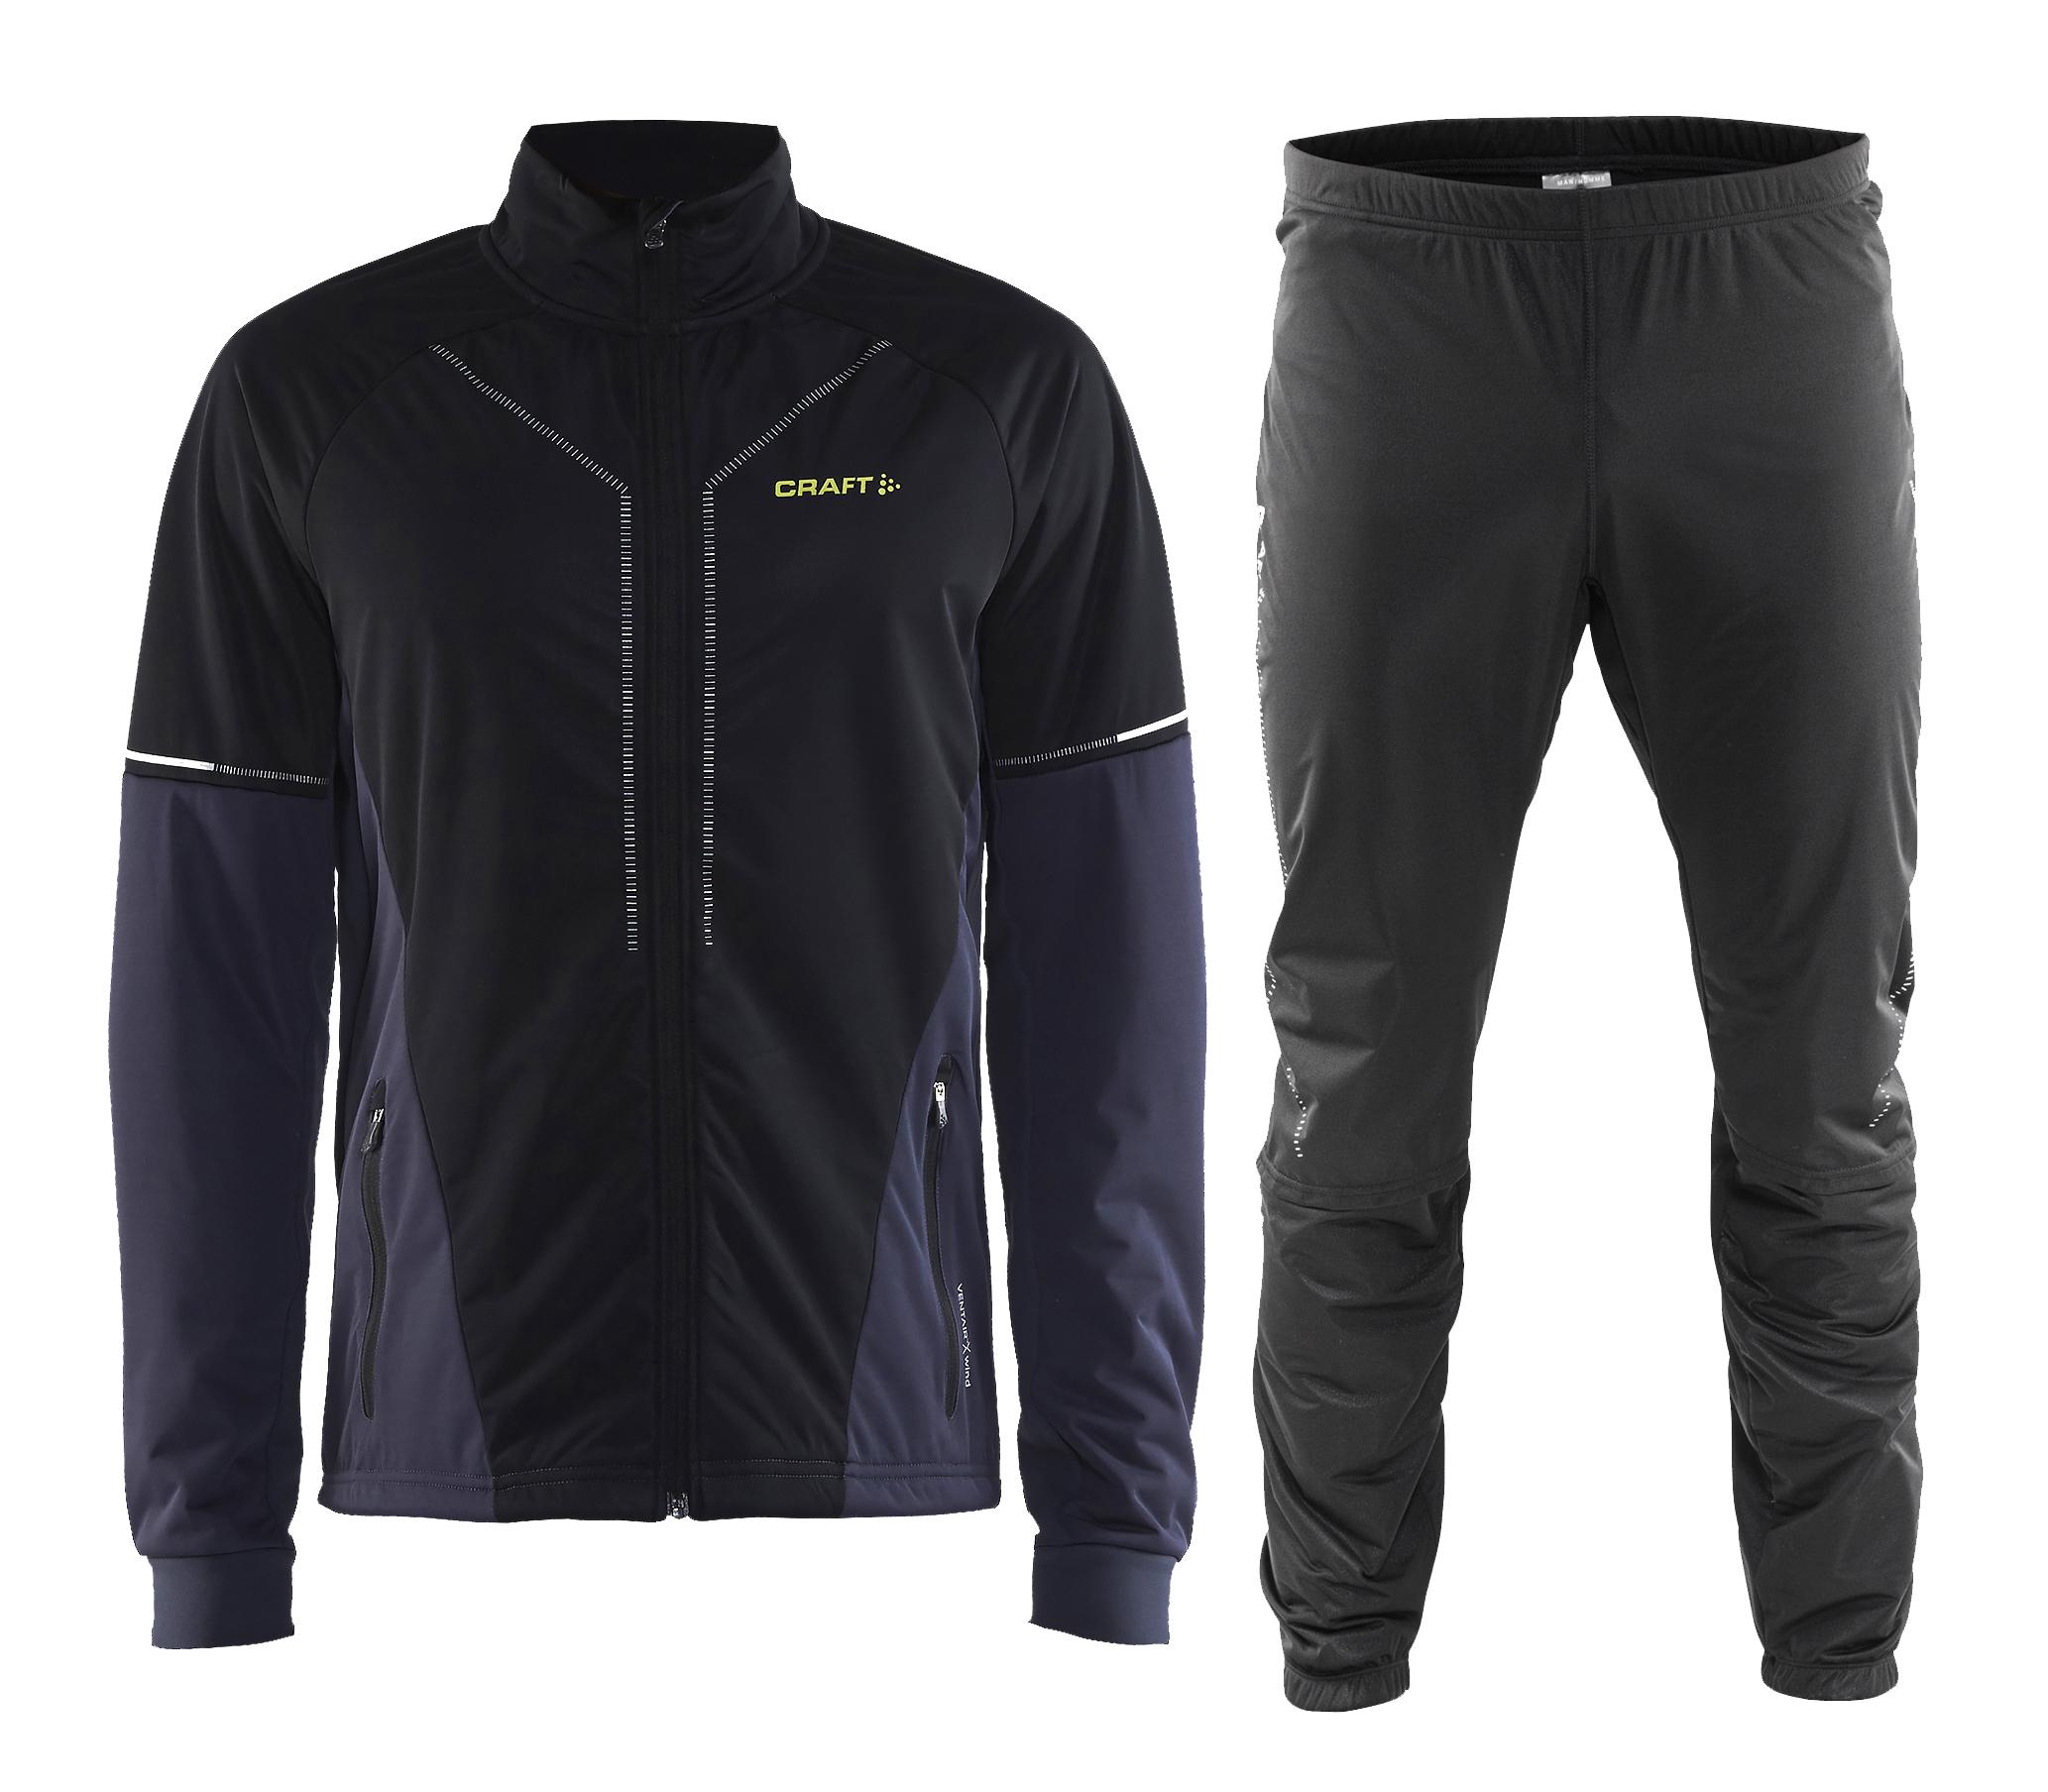 4836c06a8cc5 Лыжный костюм Craft Storm 2.0 мужской 1904258 1904260 купить в ...